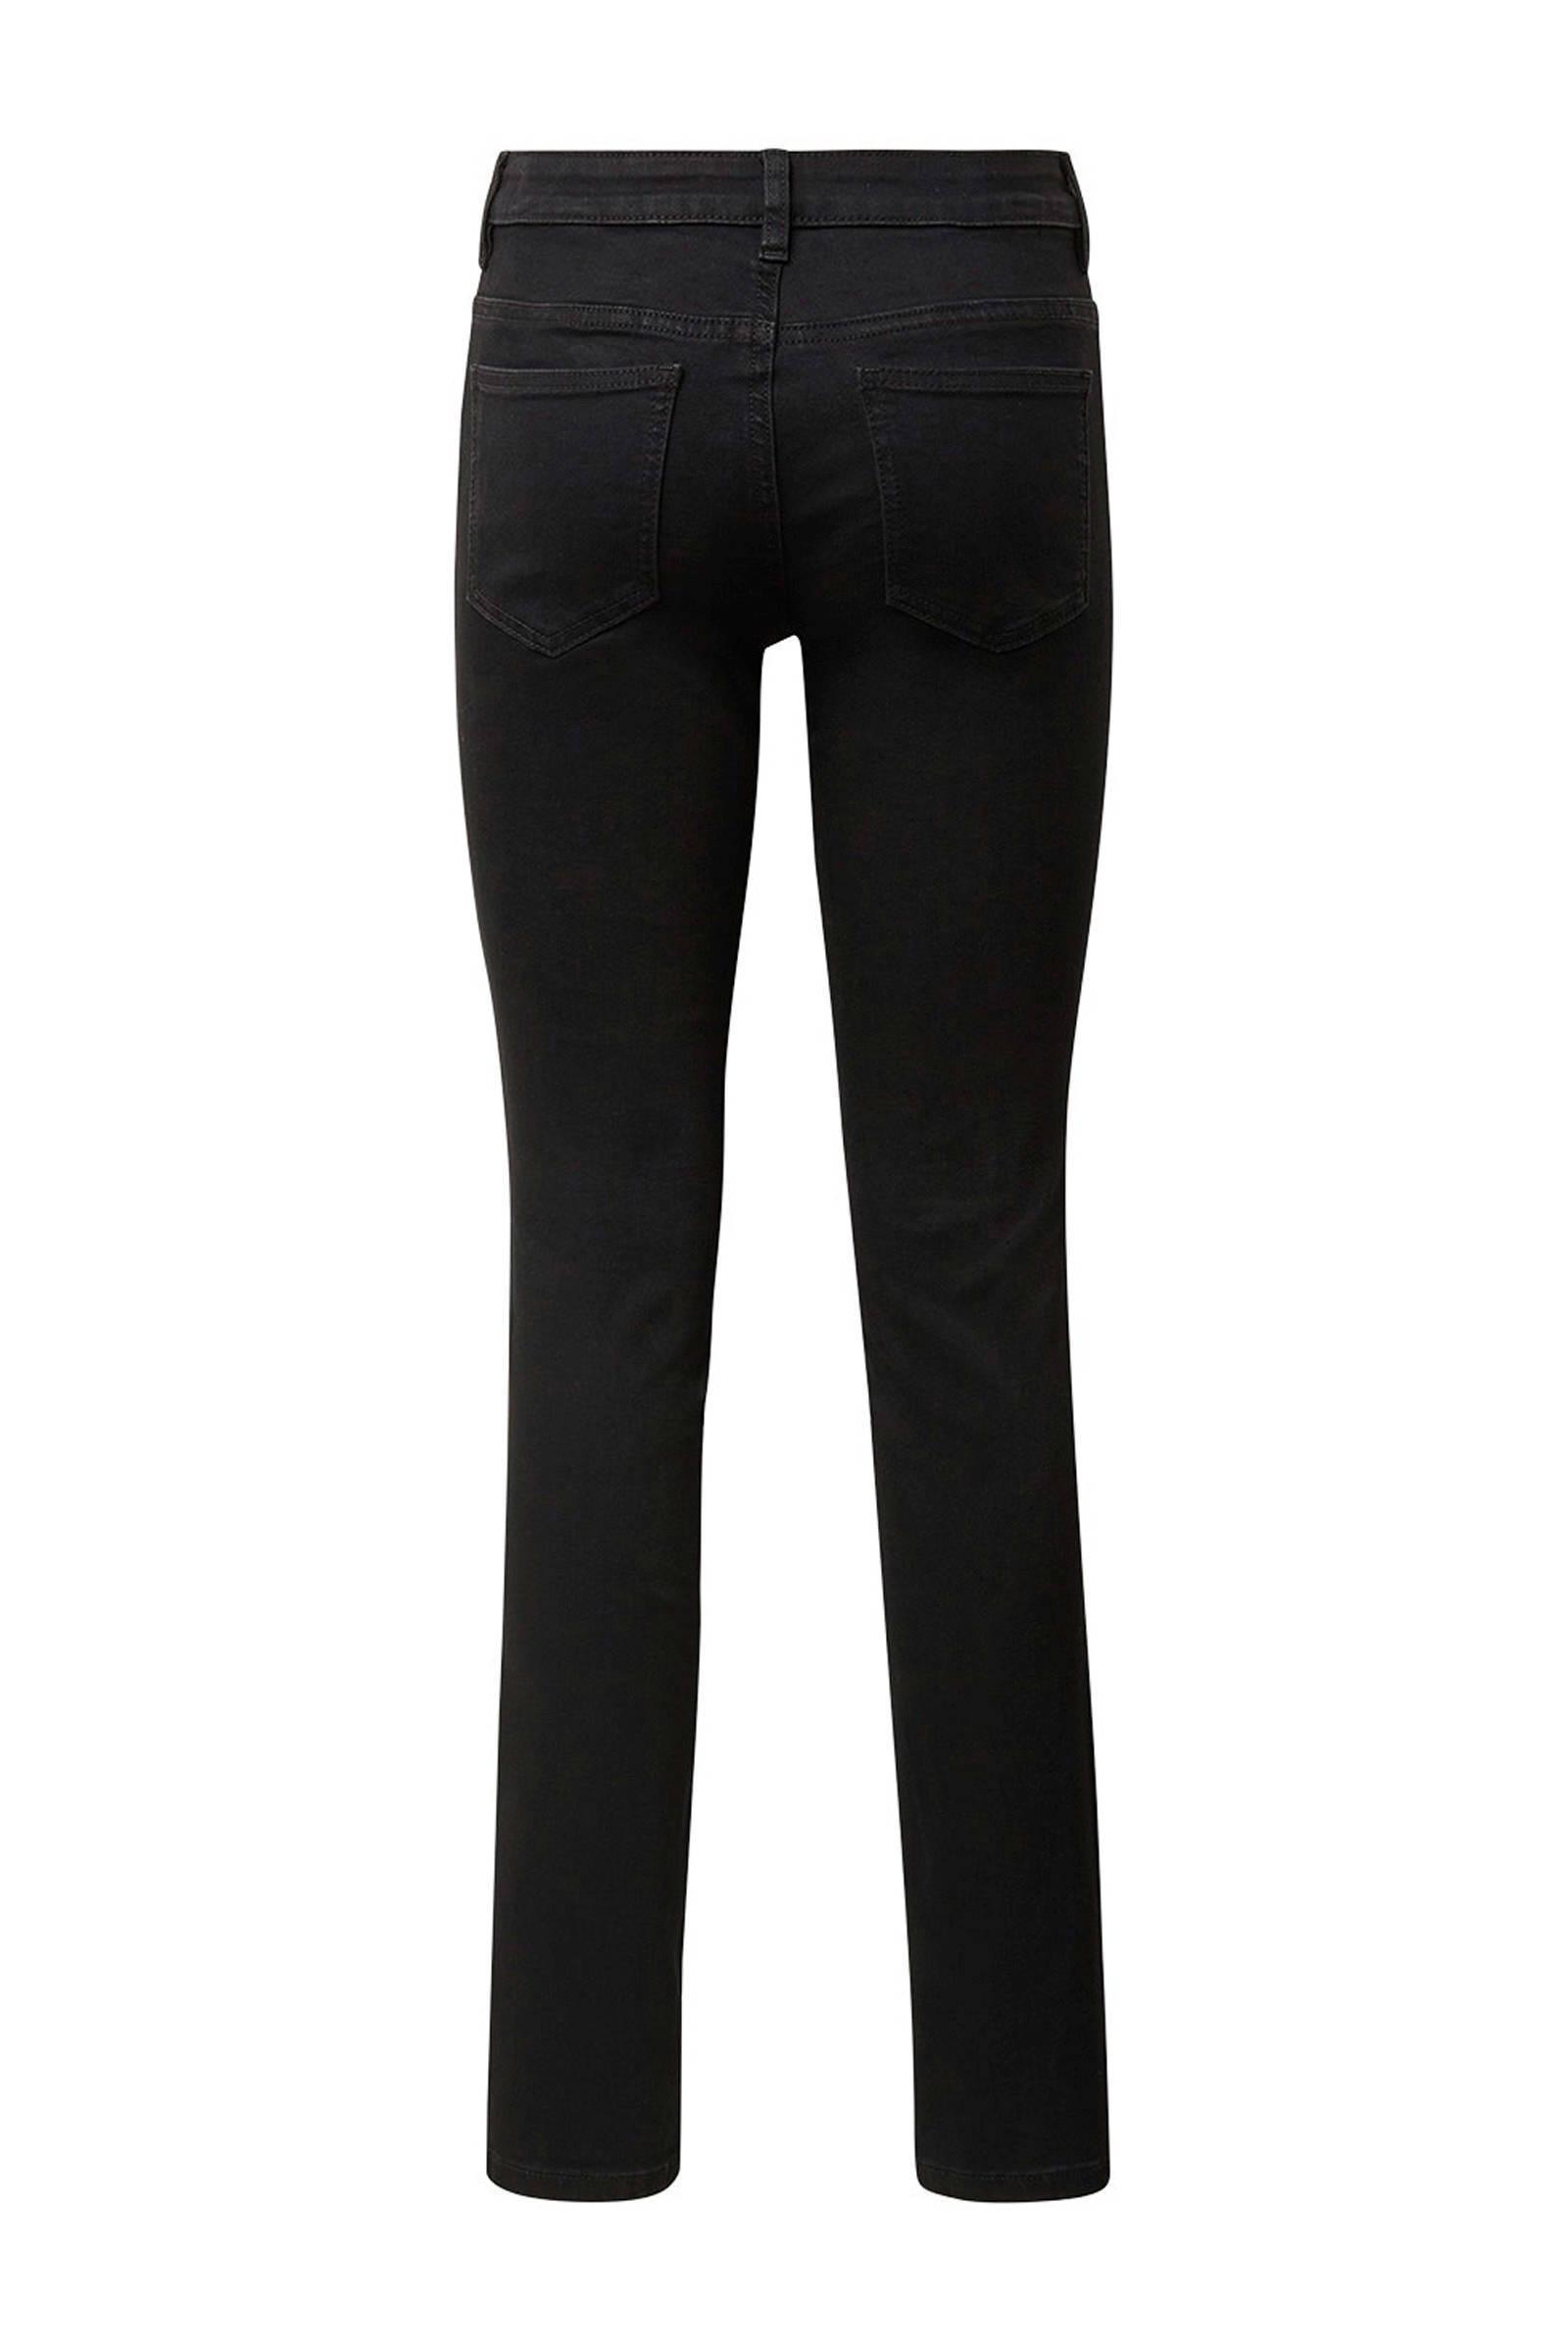 Tom Tailor skinny jeans